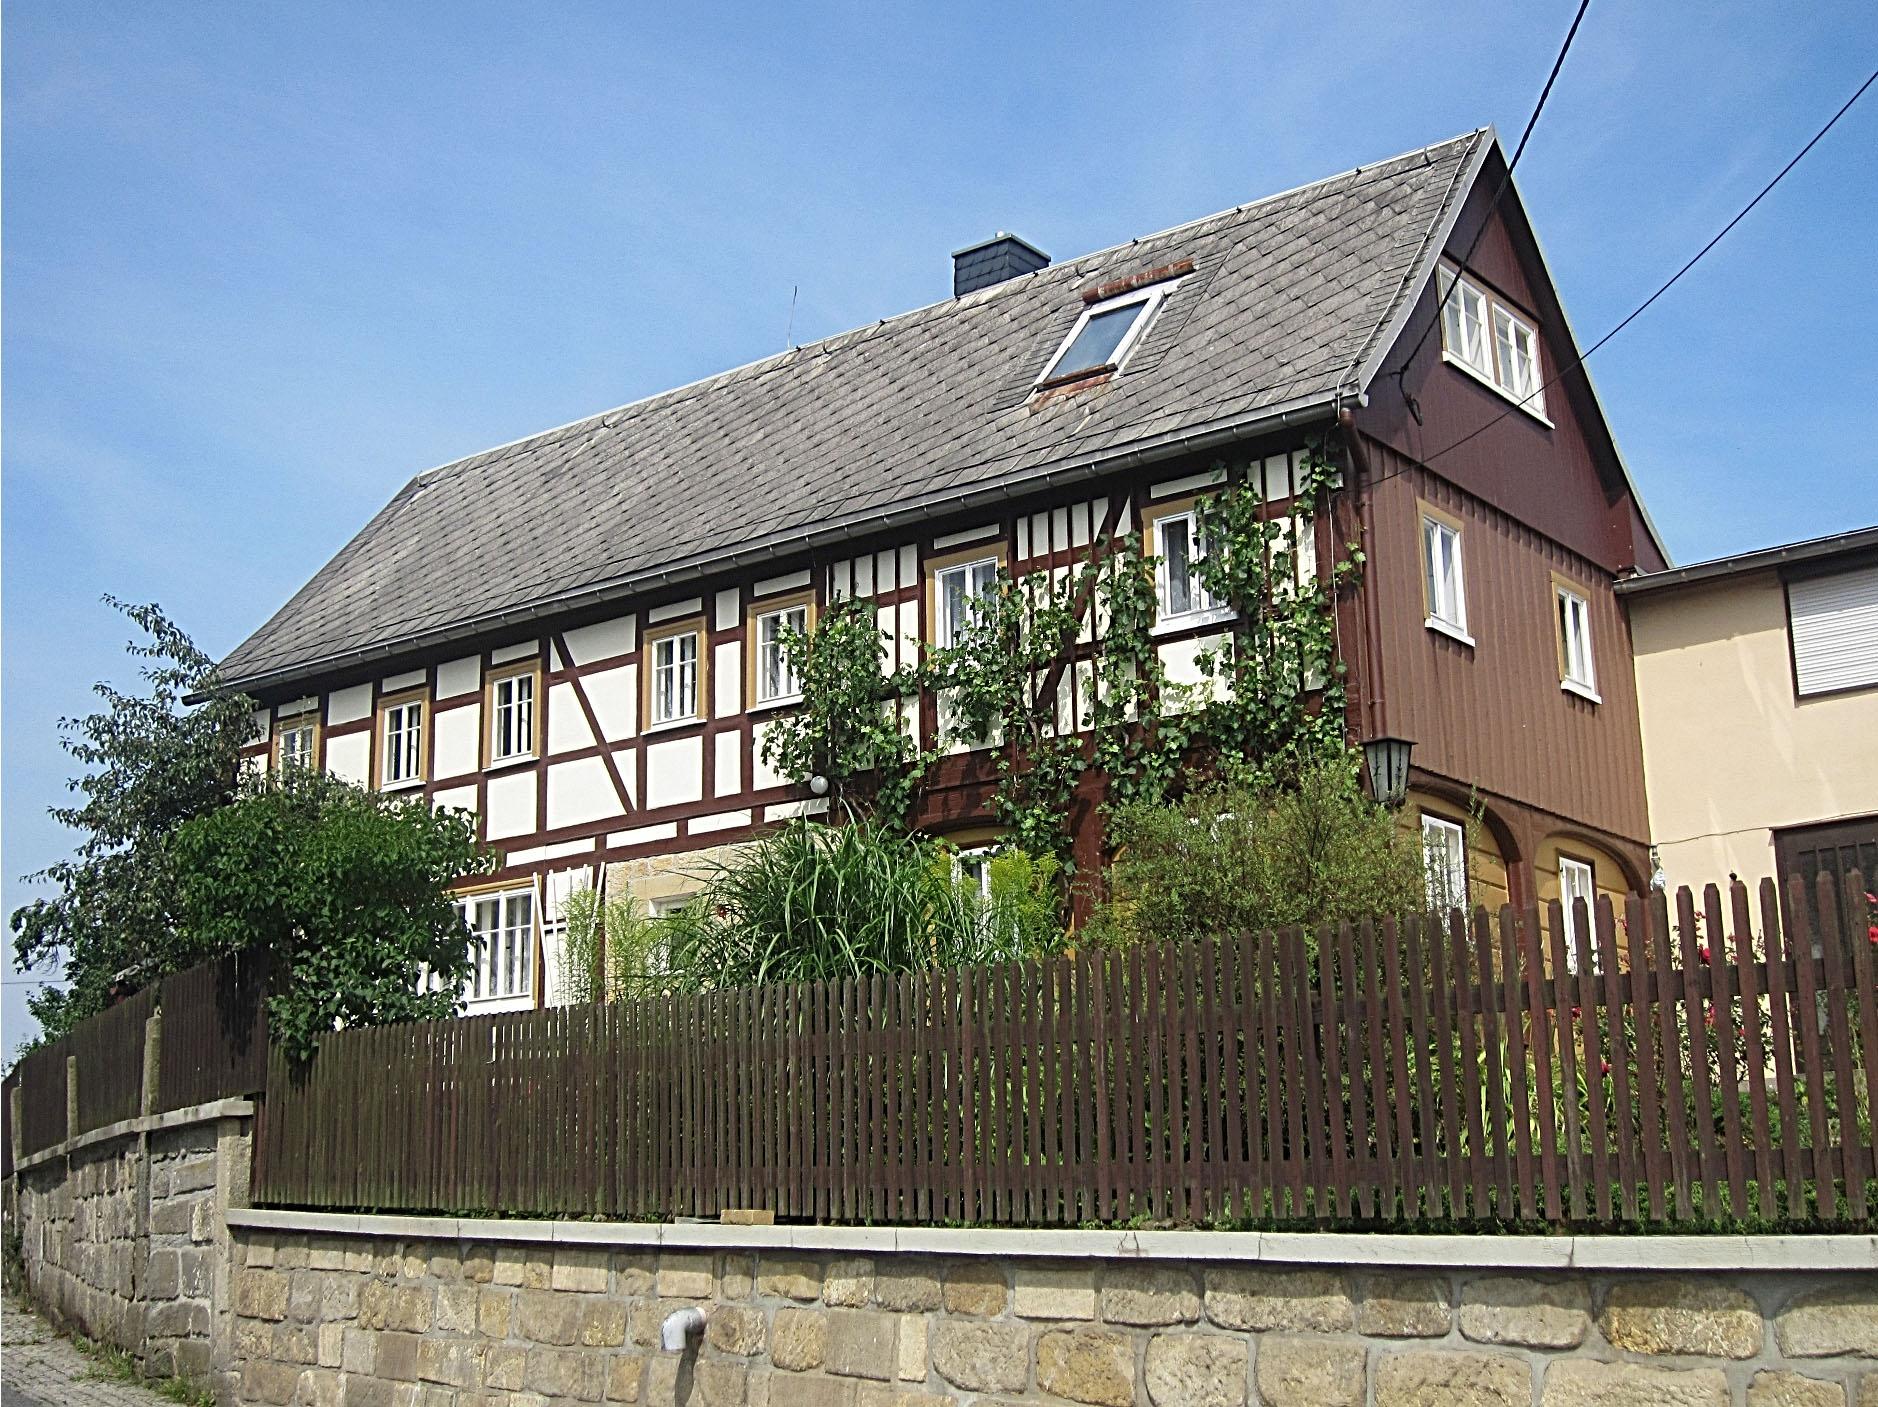 Hinterhermsdorf_04